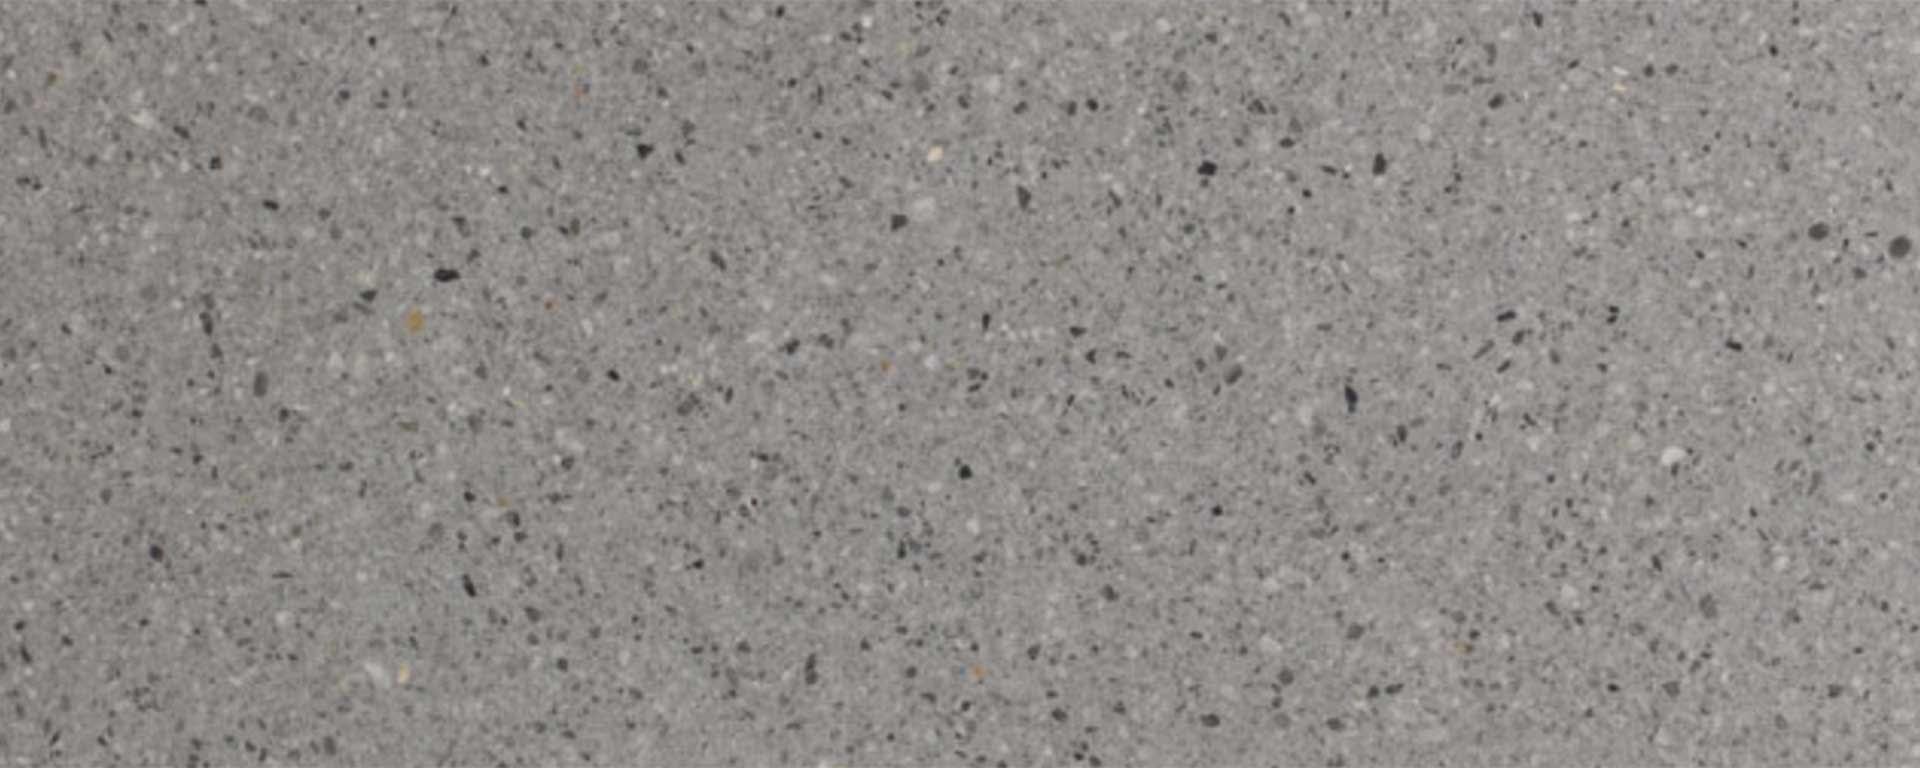 MMDA-005-terrazzo-marmo-cemento